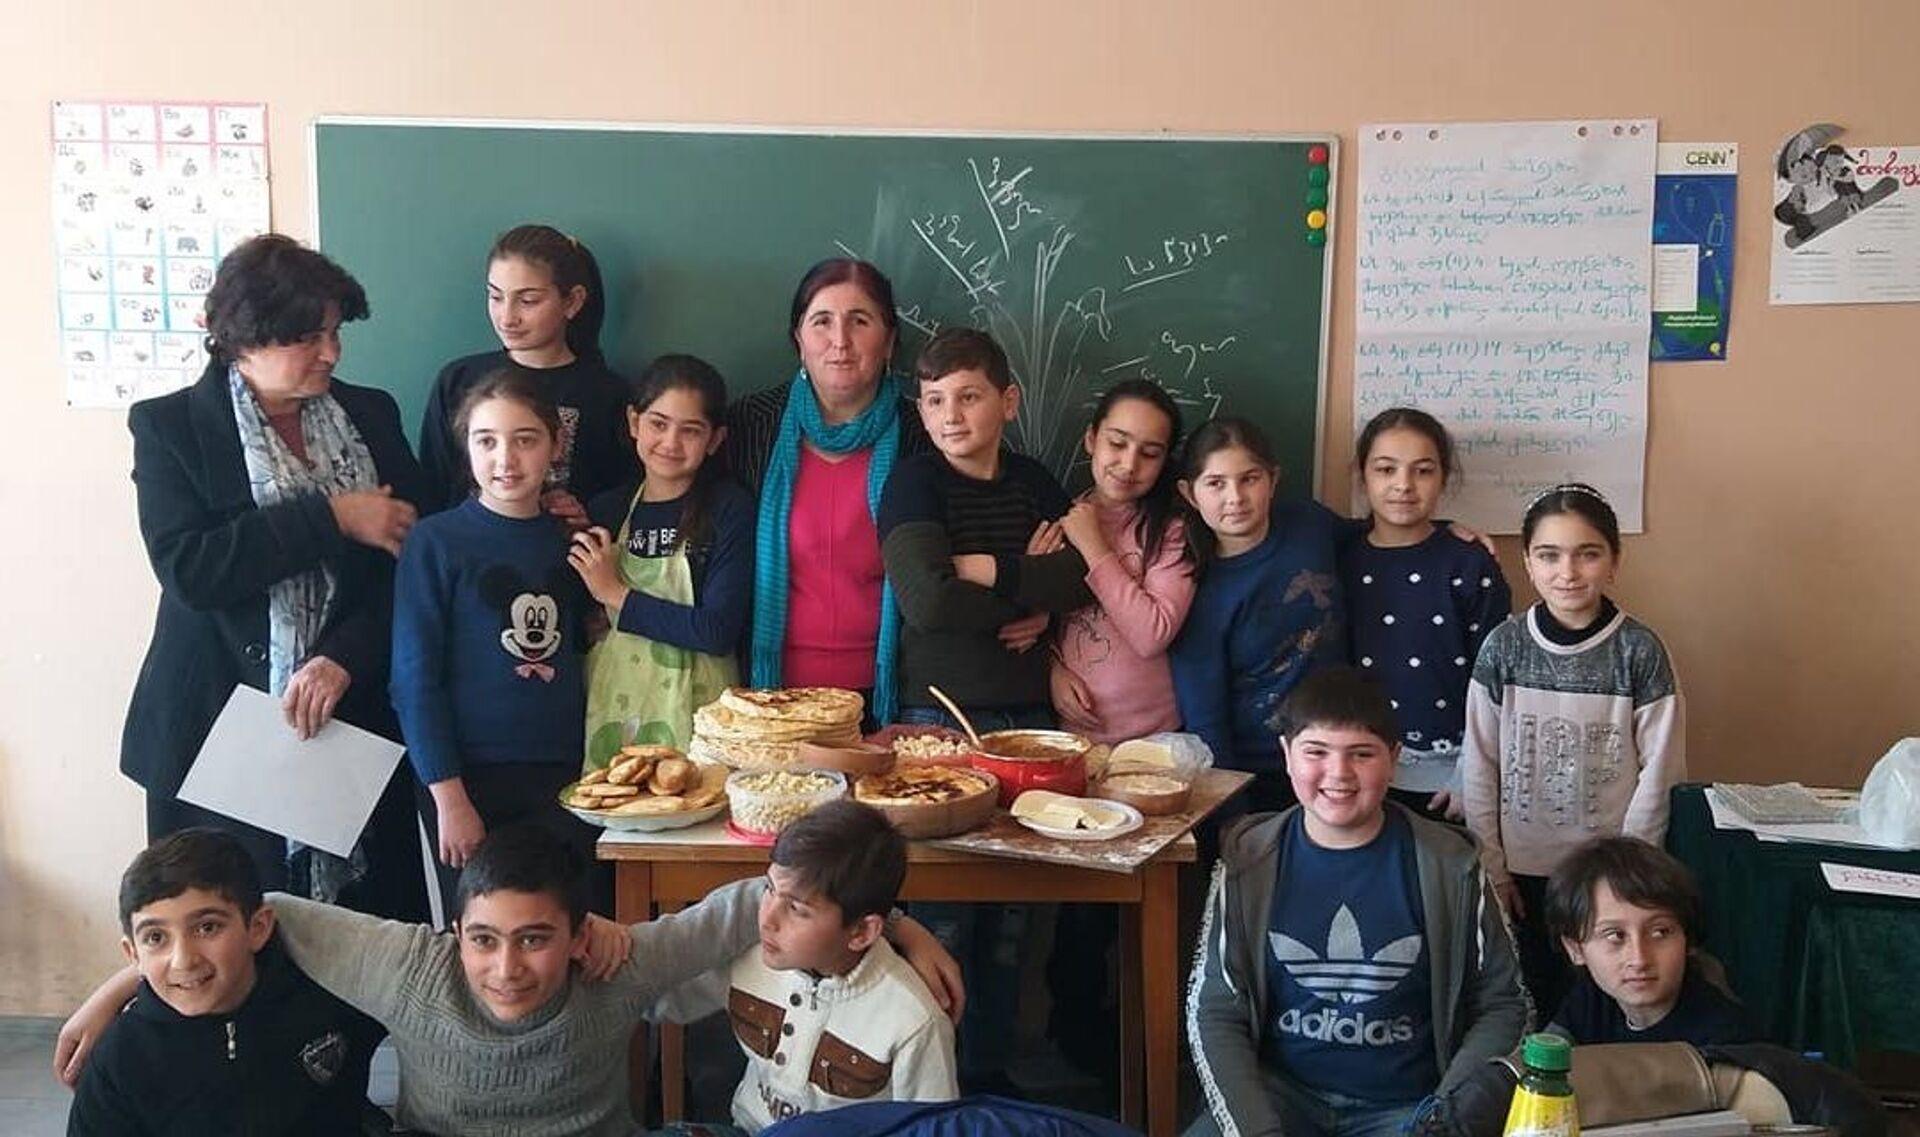 კლასგარეშე საკითხავი მასწავლებლებისთვის: სიყვარული ბუმერანგივითაა... - Sputnik საქართველო, 1920, 05.04.2021